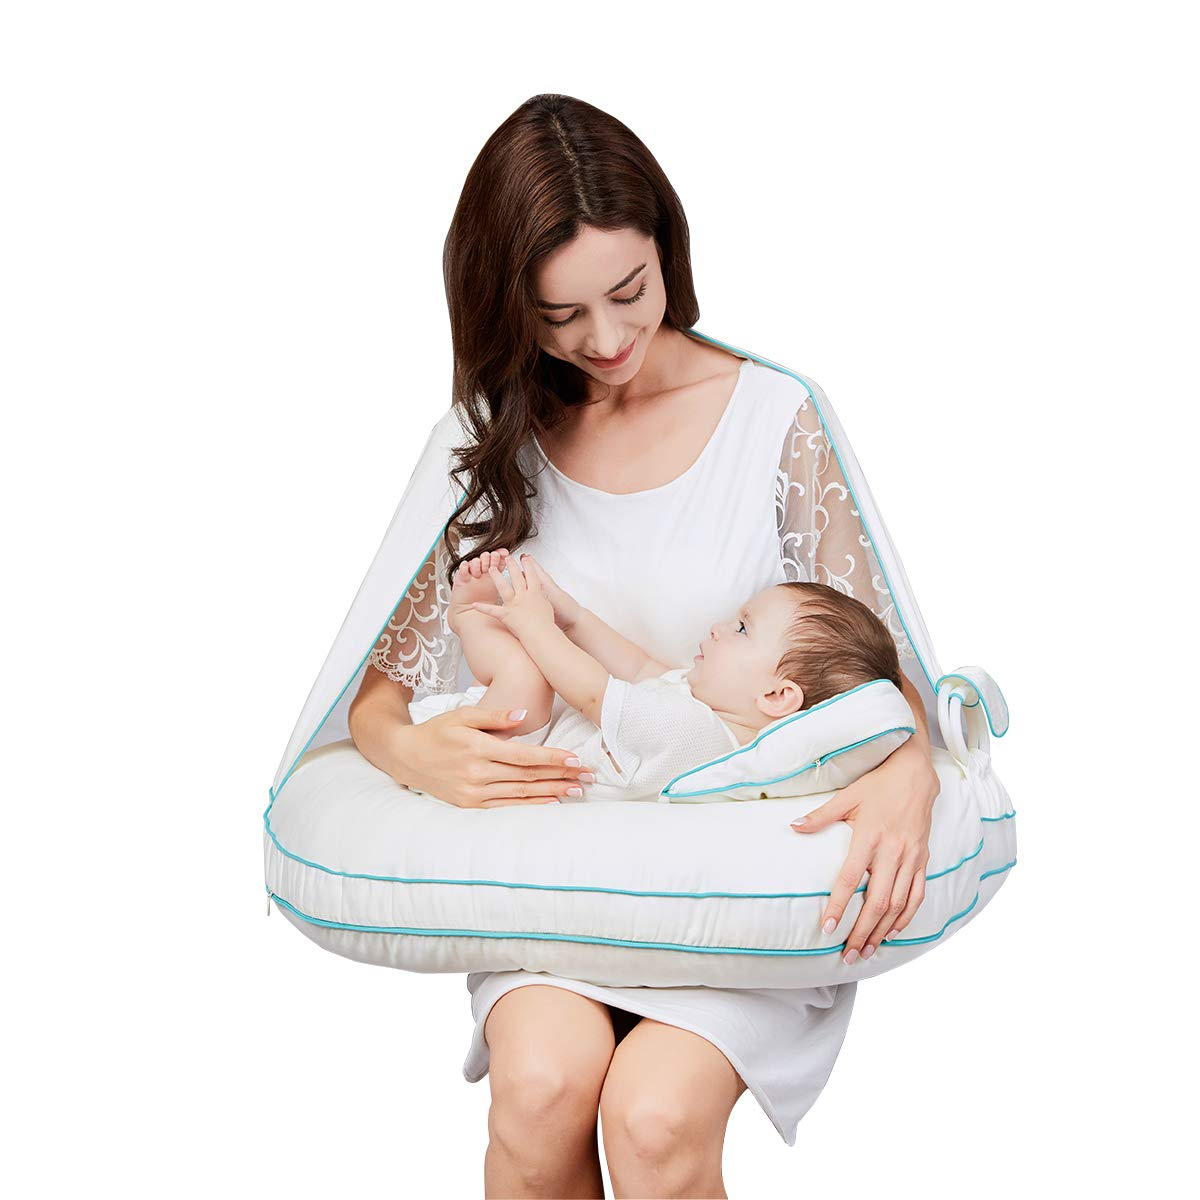 【ふるさと割】 ベビーハグ ナーシングピローバリア ベビーハグ 授乳クッション 防ダニ素材 外部ウィルス防止 1 敏感肌 ベビー枕 ベビークッション 1 敏感肌 B07QPX74WW, リュウジンムラ:06cbf332 --- a0267596.xsph.ru